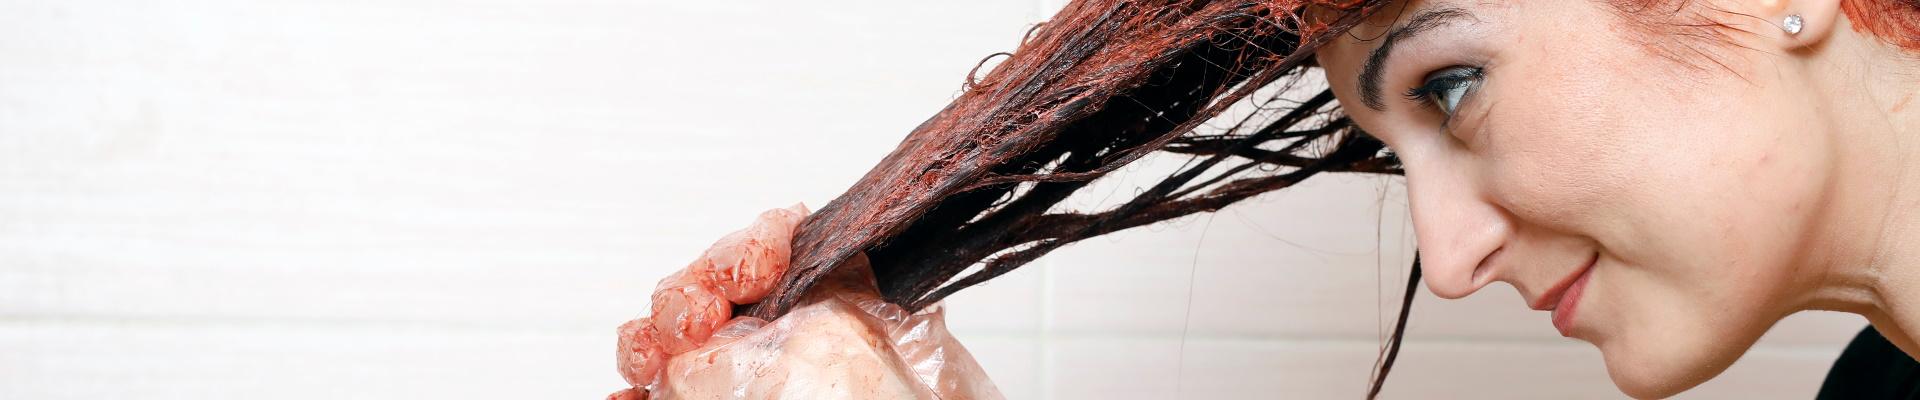 come tingere i capelli a casa